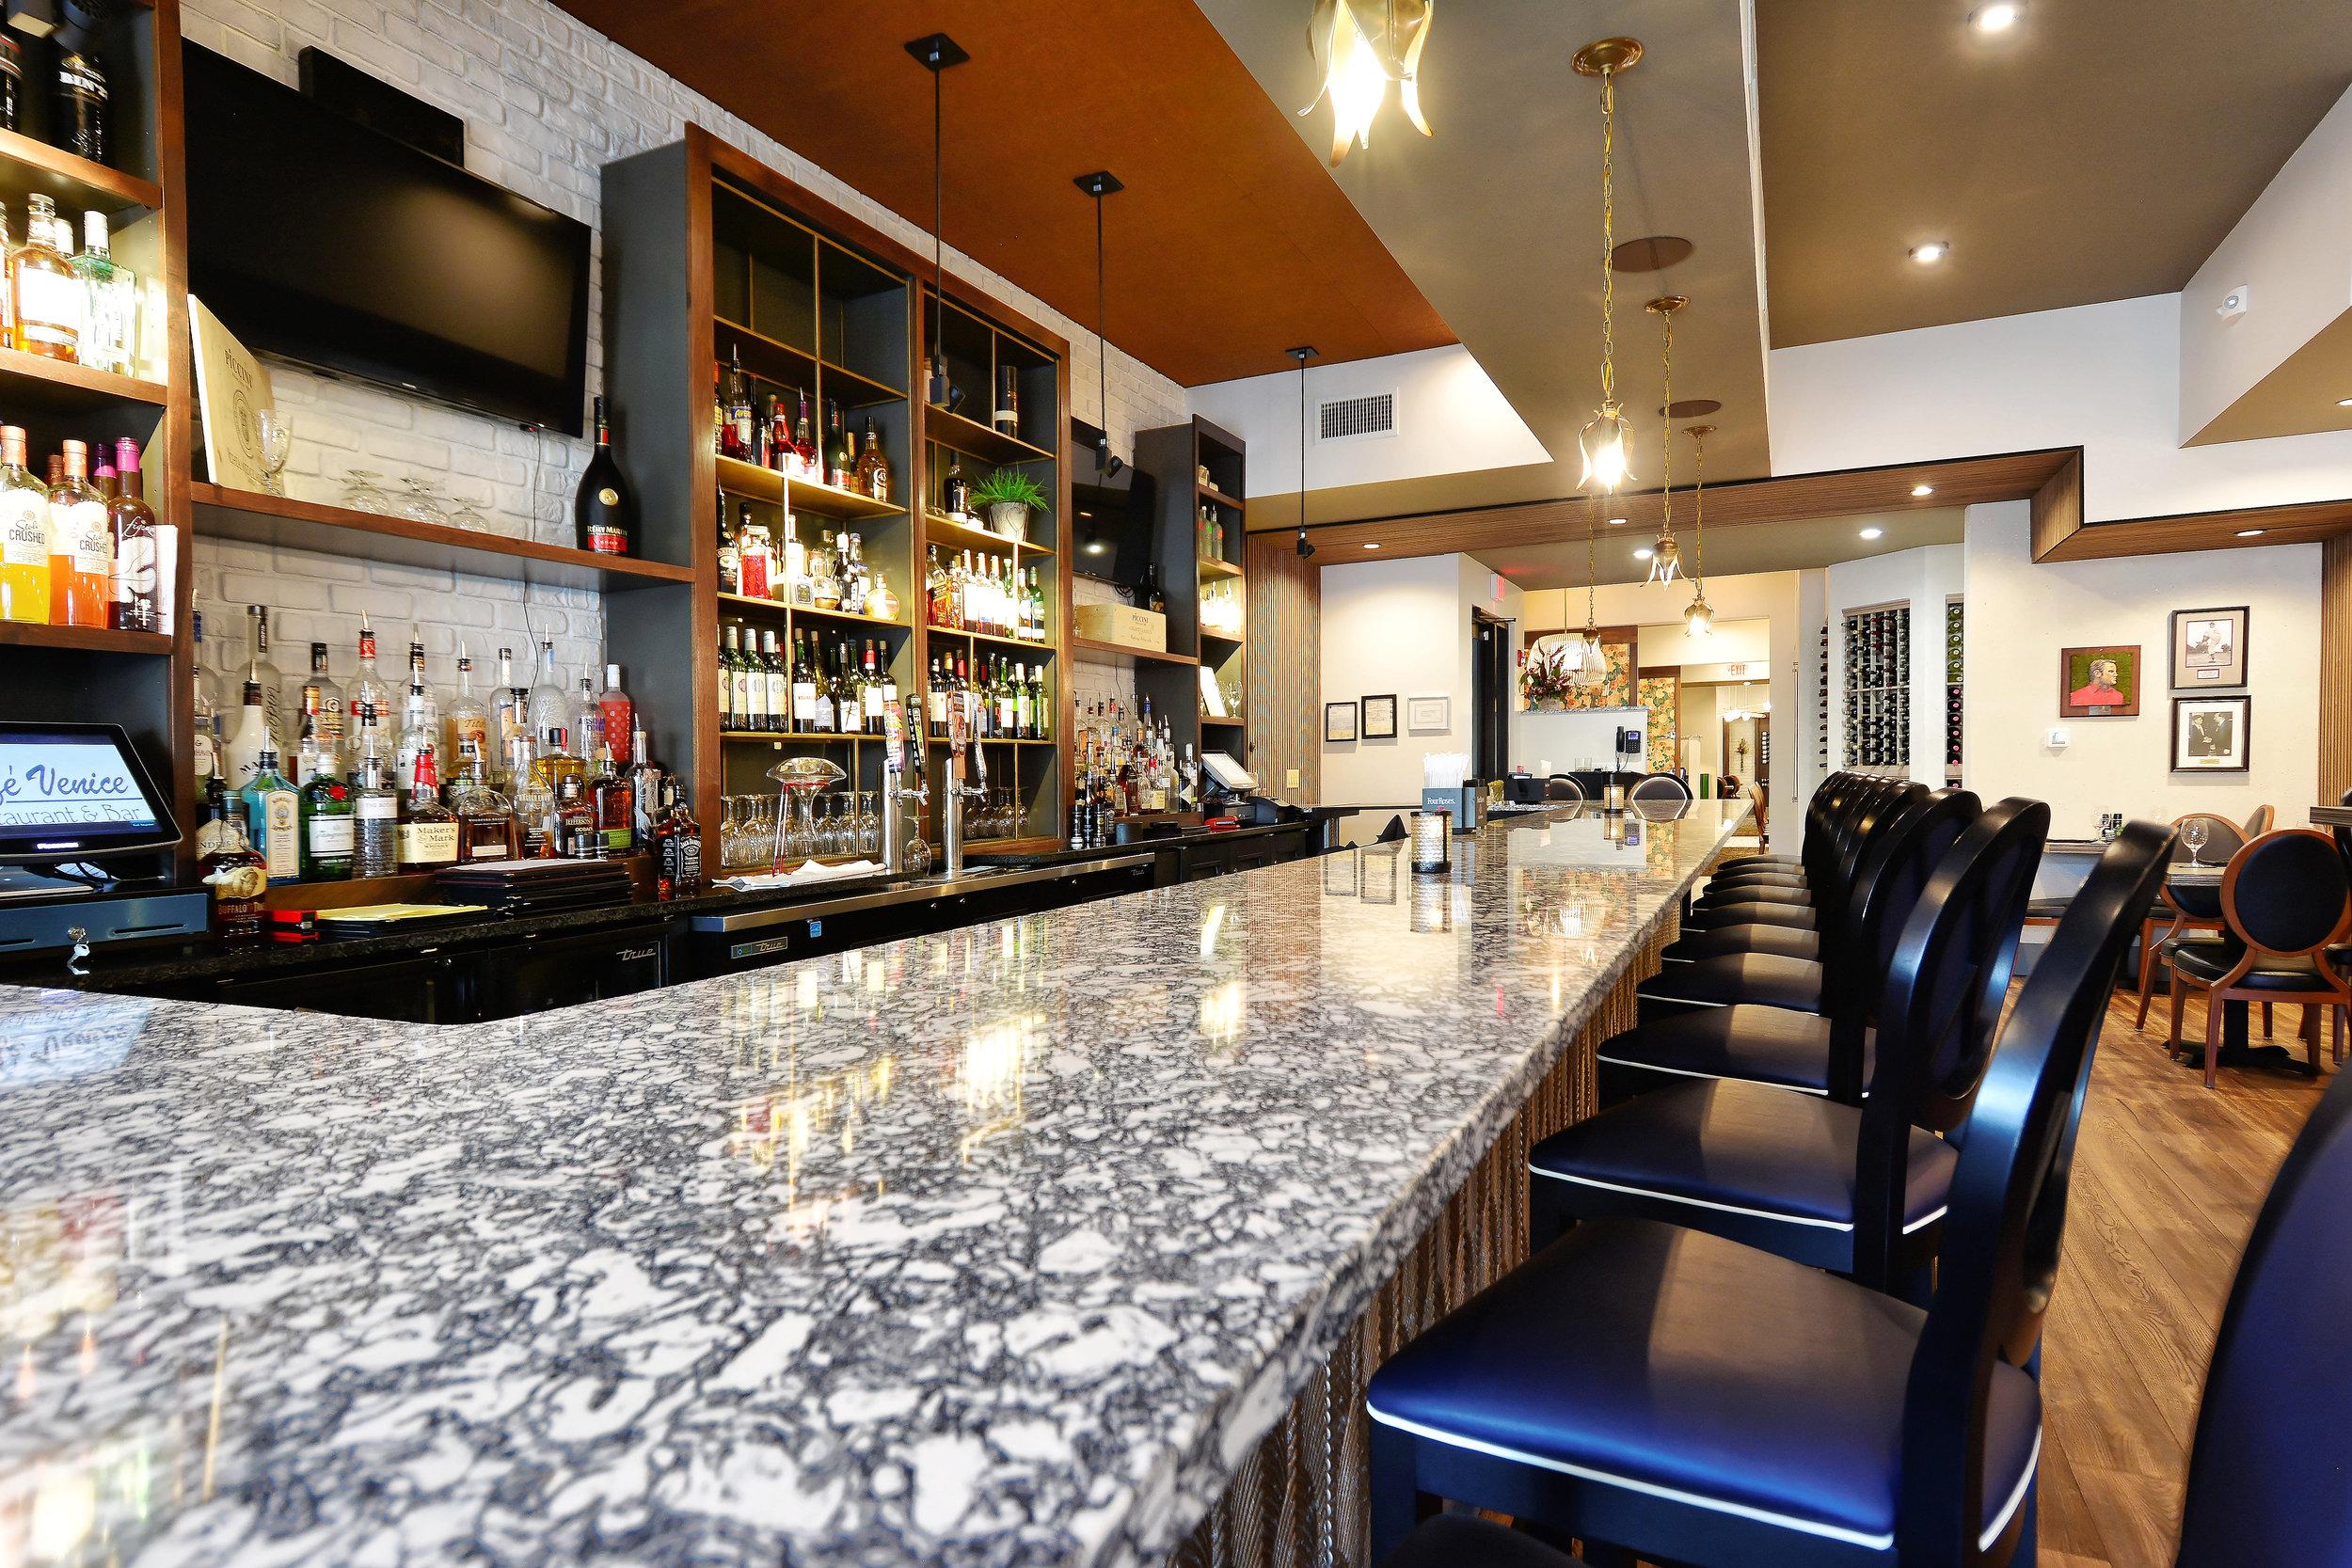 101-West-Venice-Avenue-Cafe-Venice-119.jpg